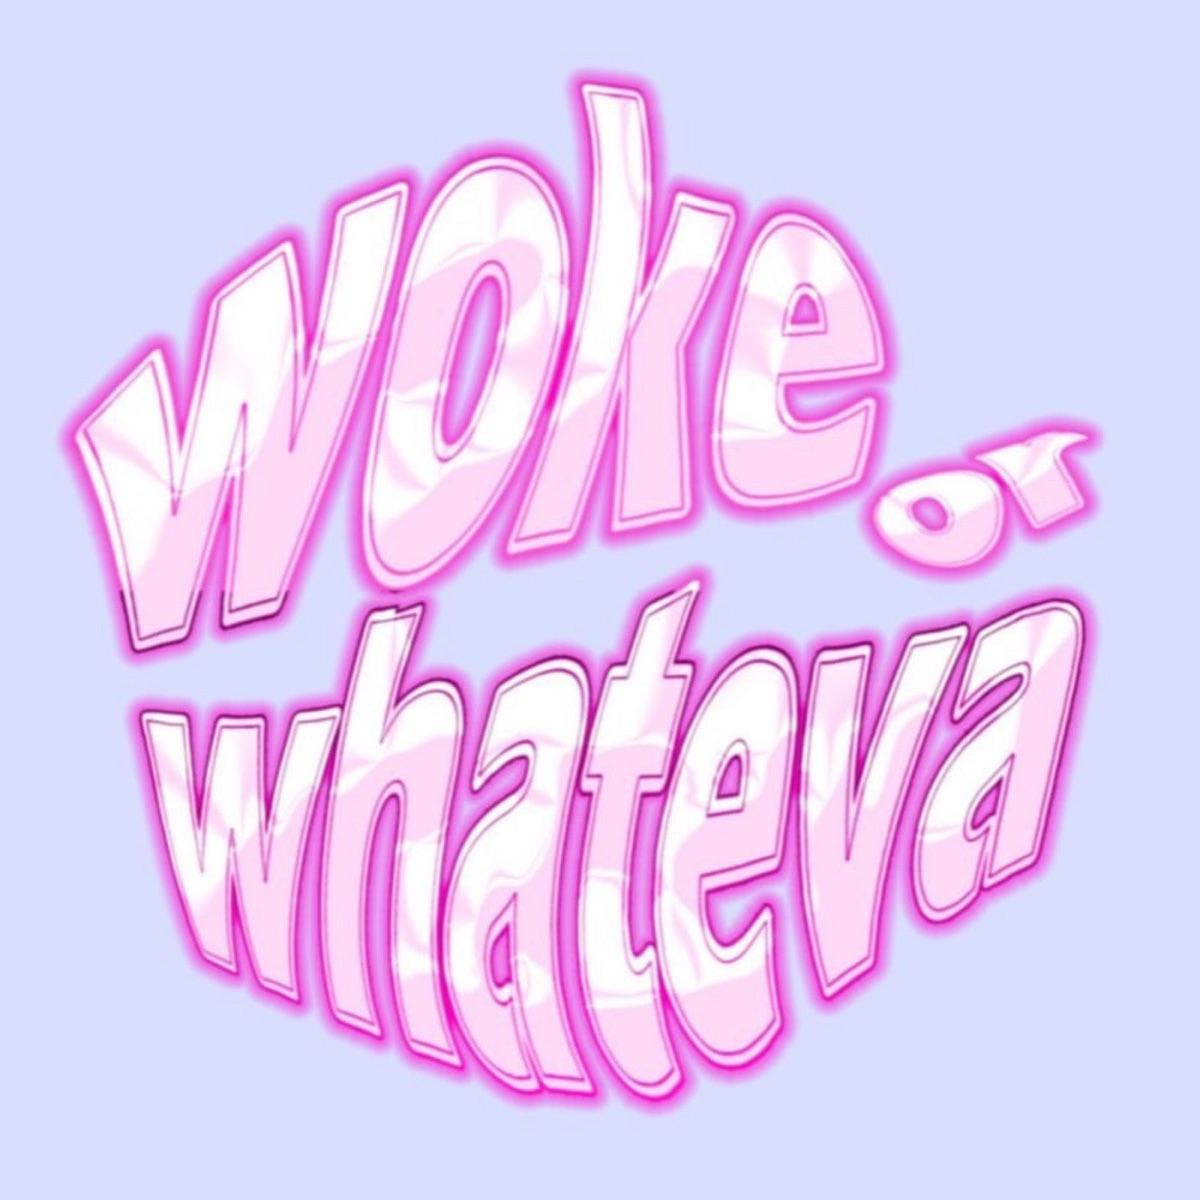 Woke or whateva